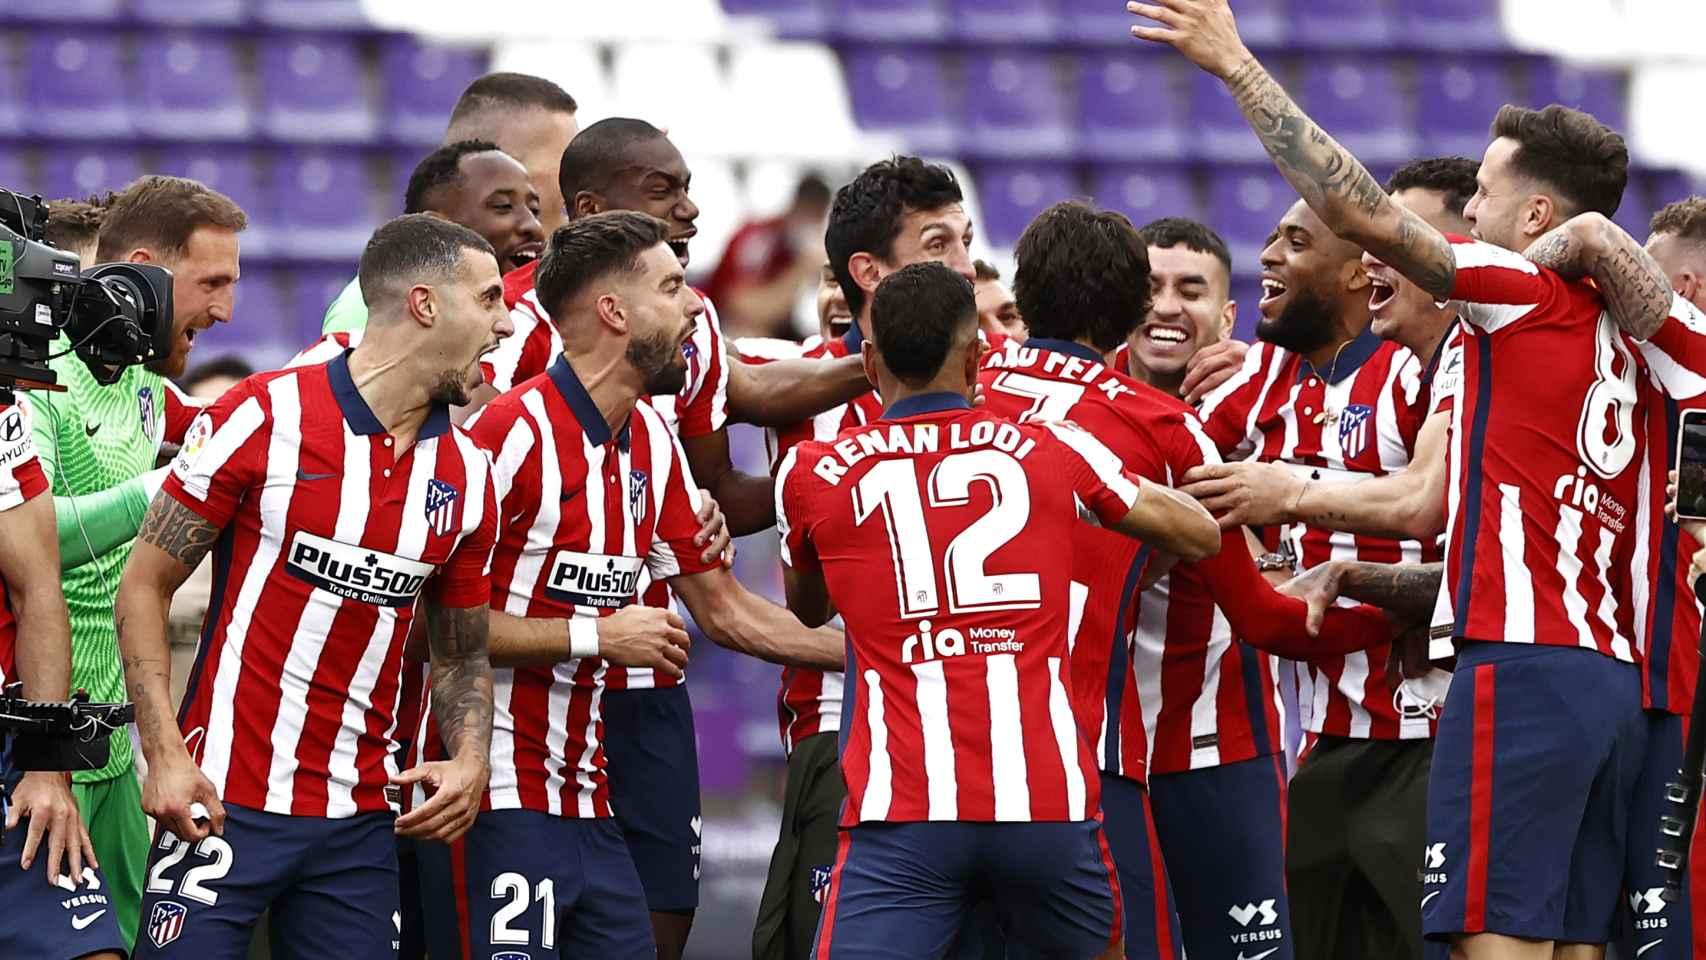 Los jugadores del Atlético de Madrid celebran el título de Liga sobre el césped del José Zorrilla